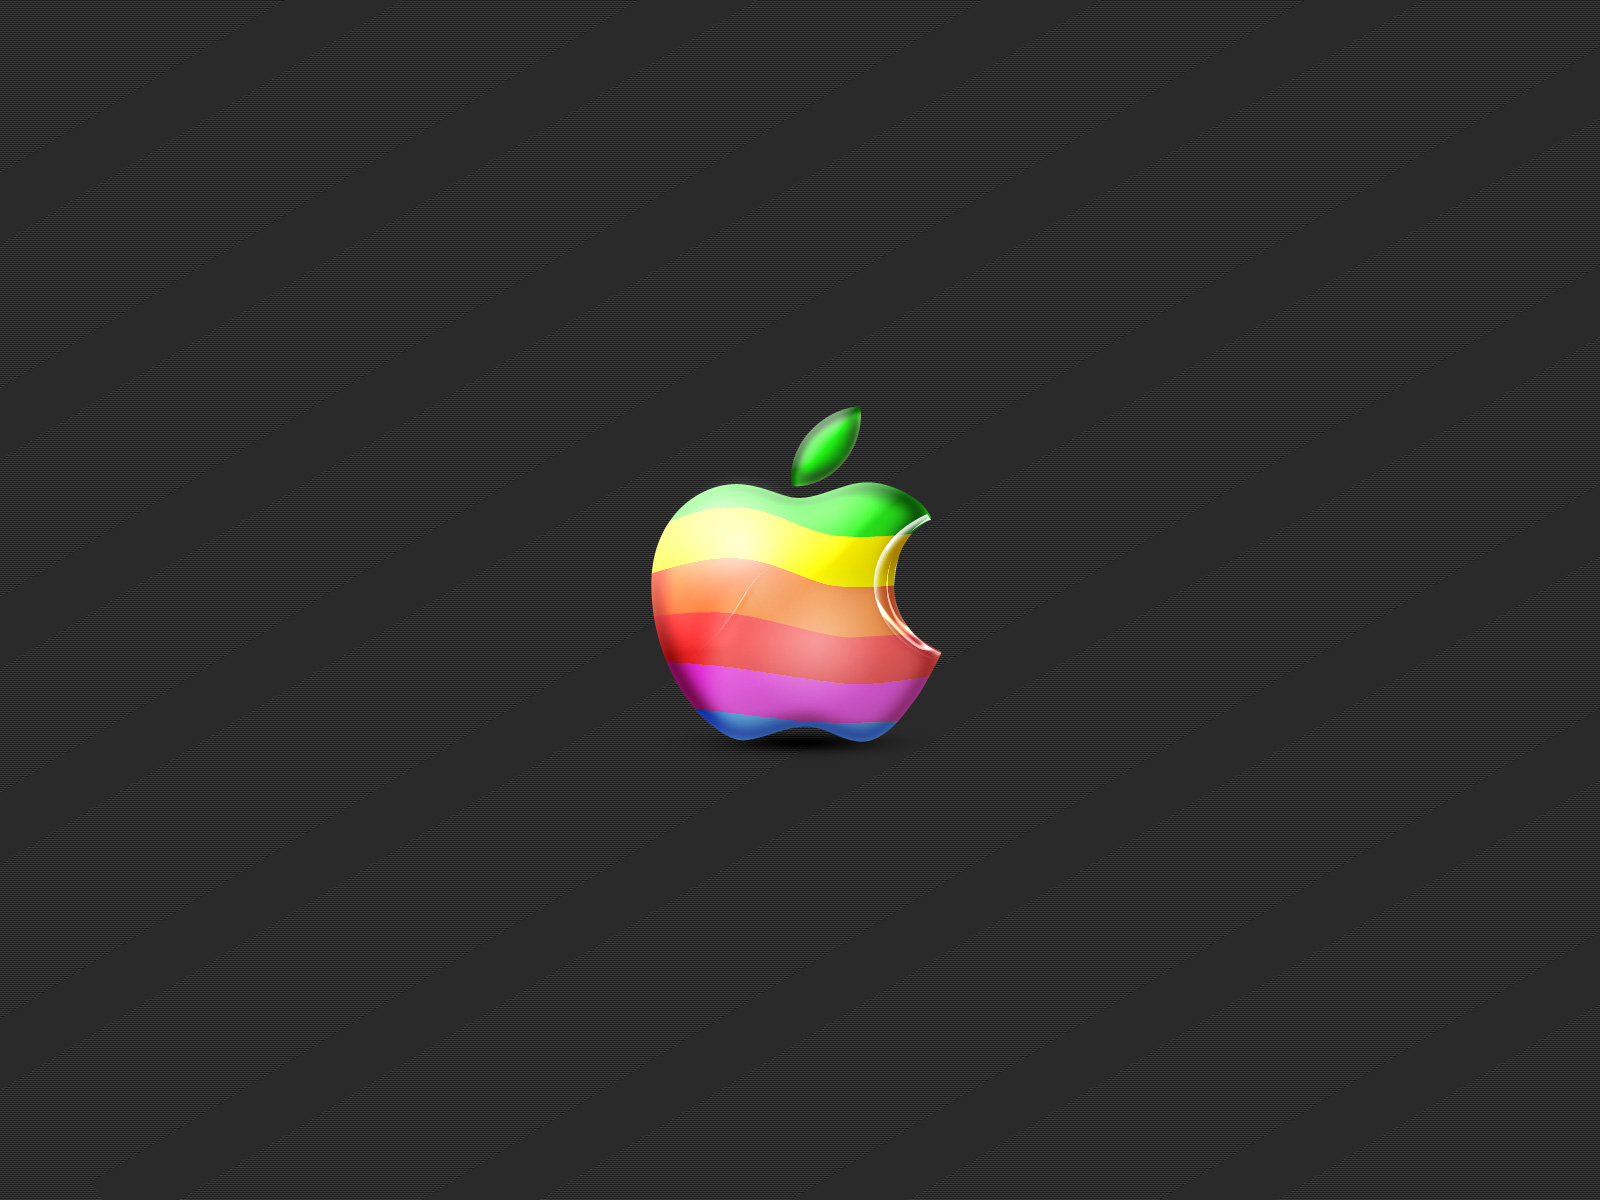 http://3.bp.blogspot.com/-SBB520OKv58/UIyfQe7nYVI/AAAAAAAACOE/6he3CFTFbZ8/s1600/cool%2Bapple%2Bmac%2Bwallpaper.jpg